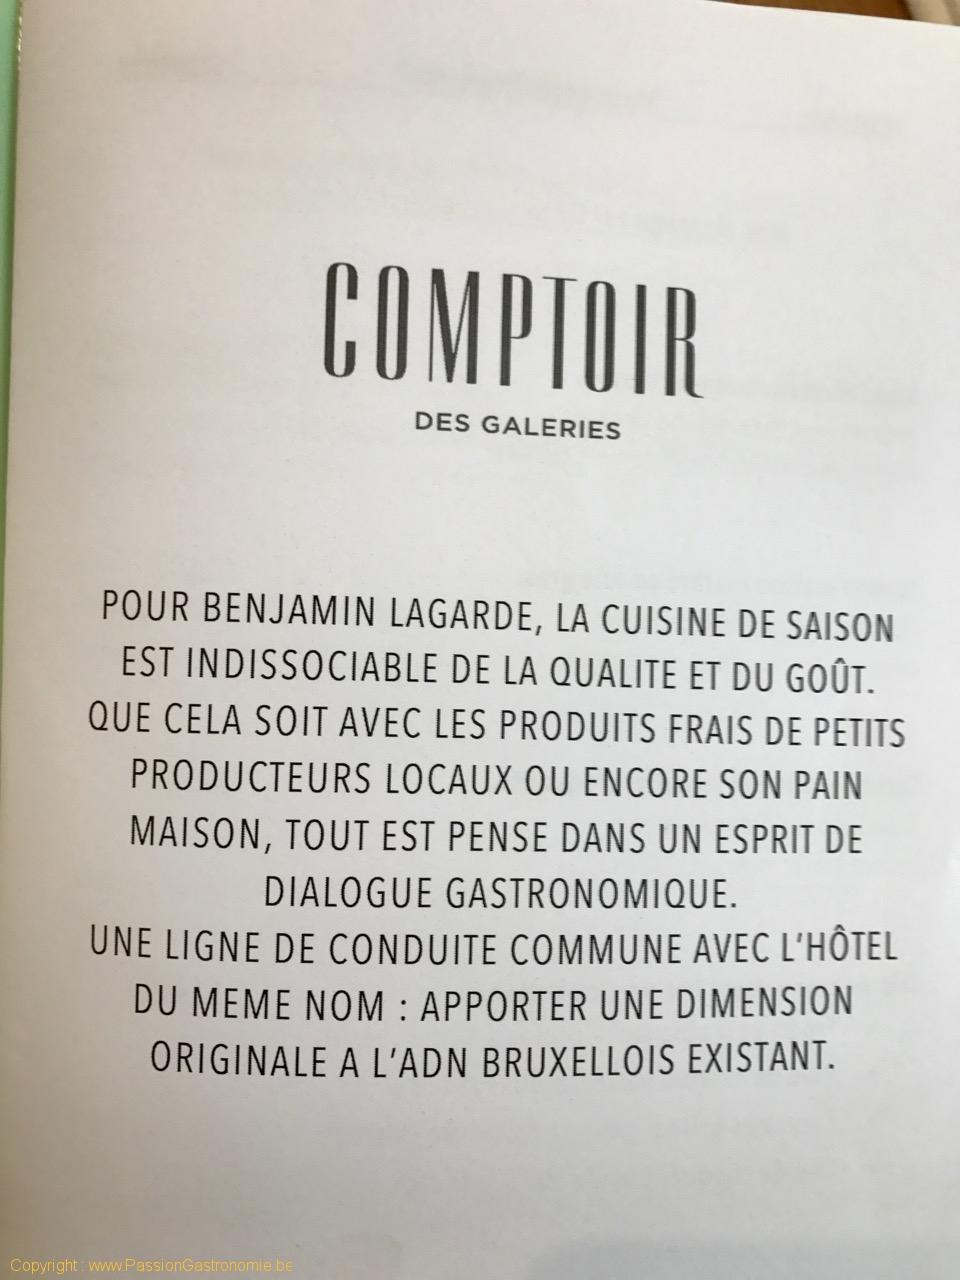 Restaurant Comptoir des Galeries - La ligne de conduite